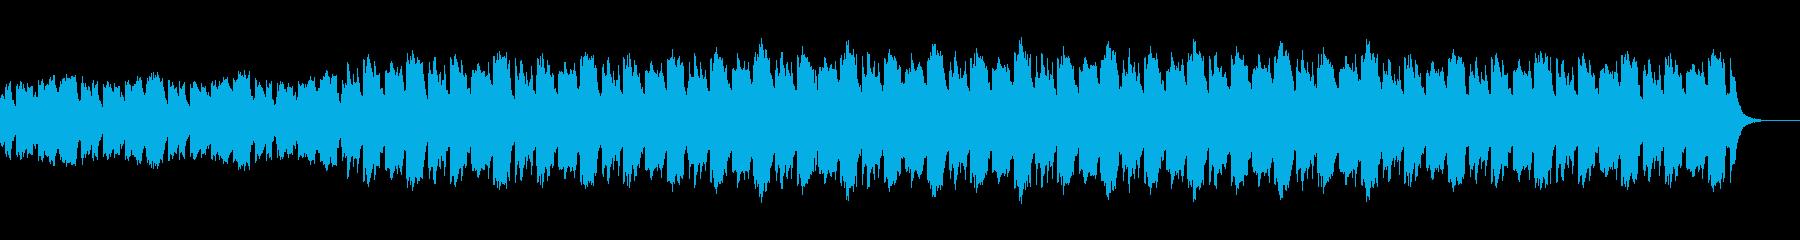 民族風の陽気な曲の再生済みの波形